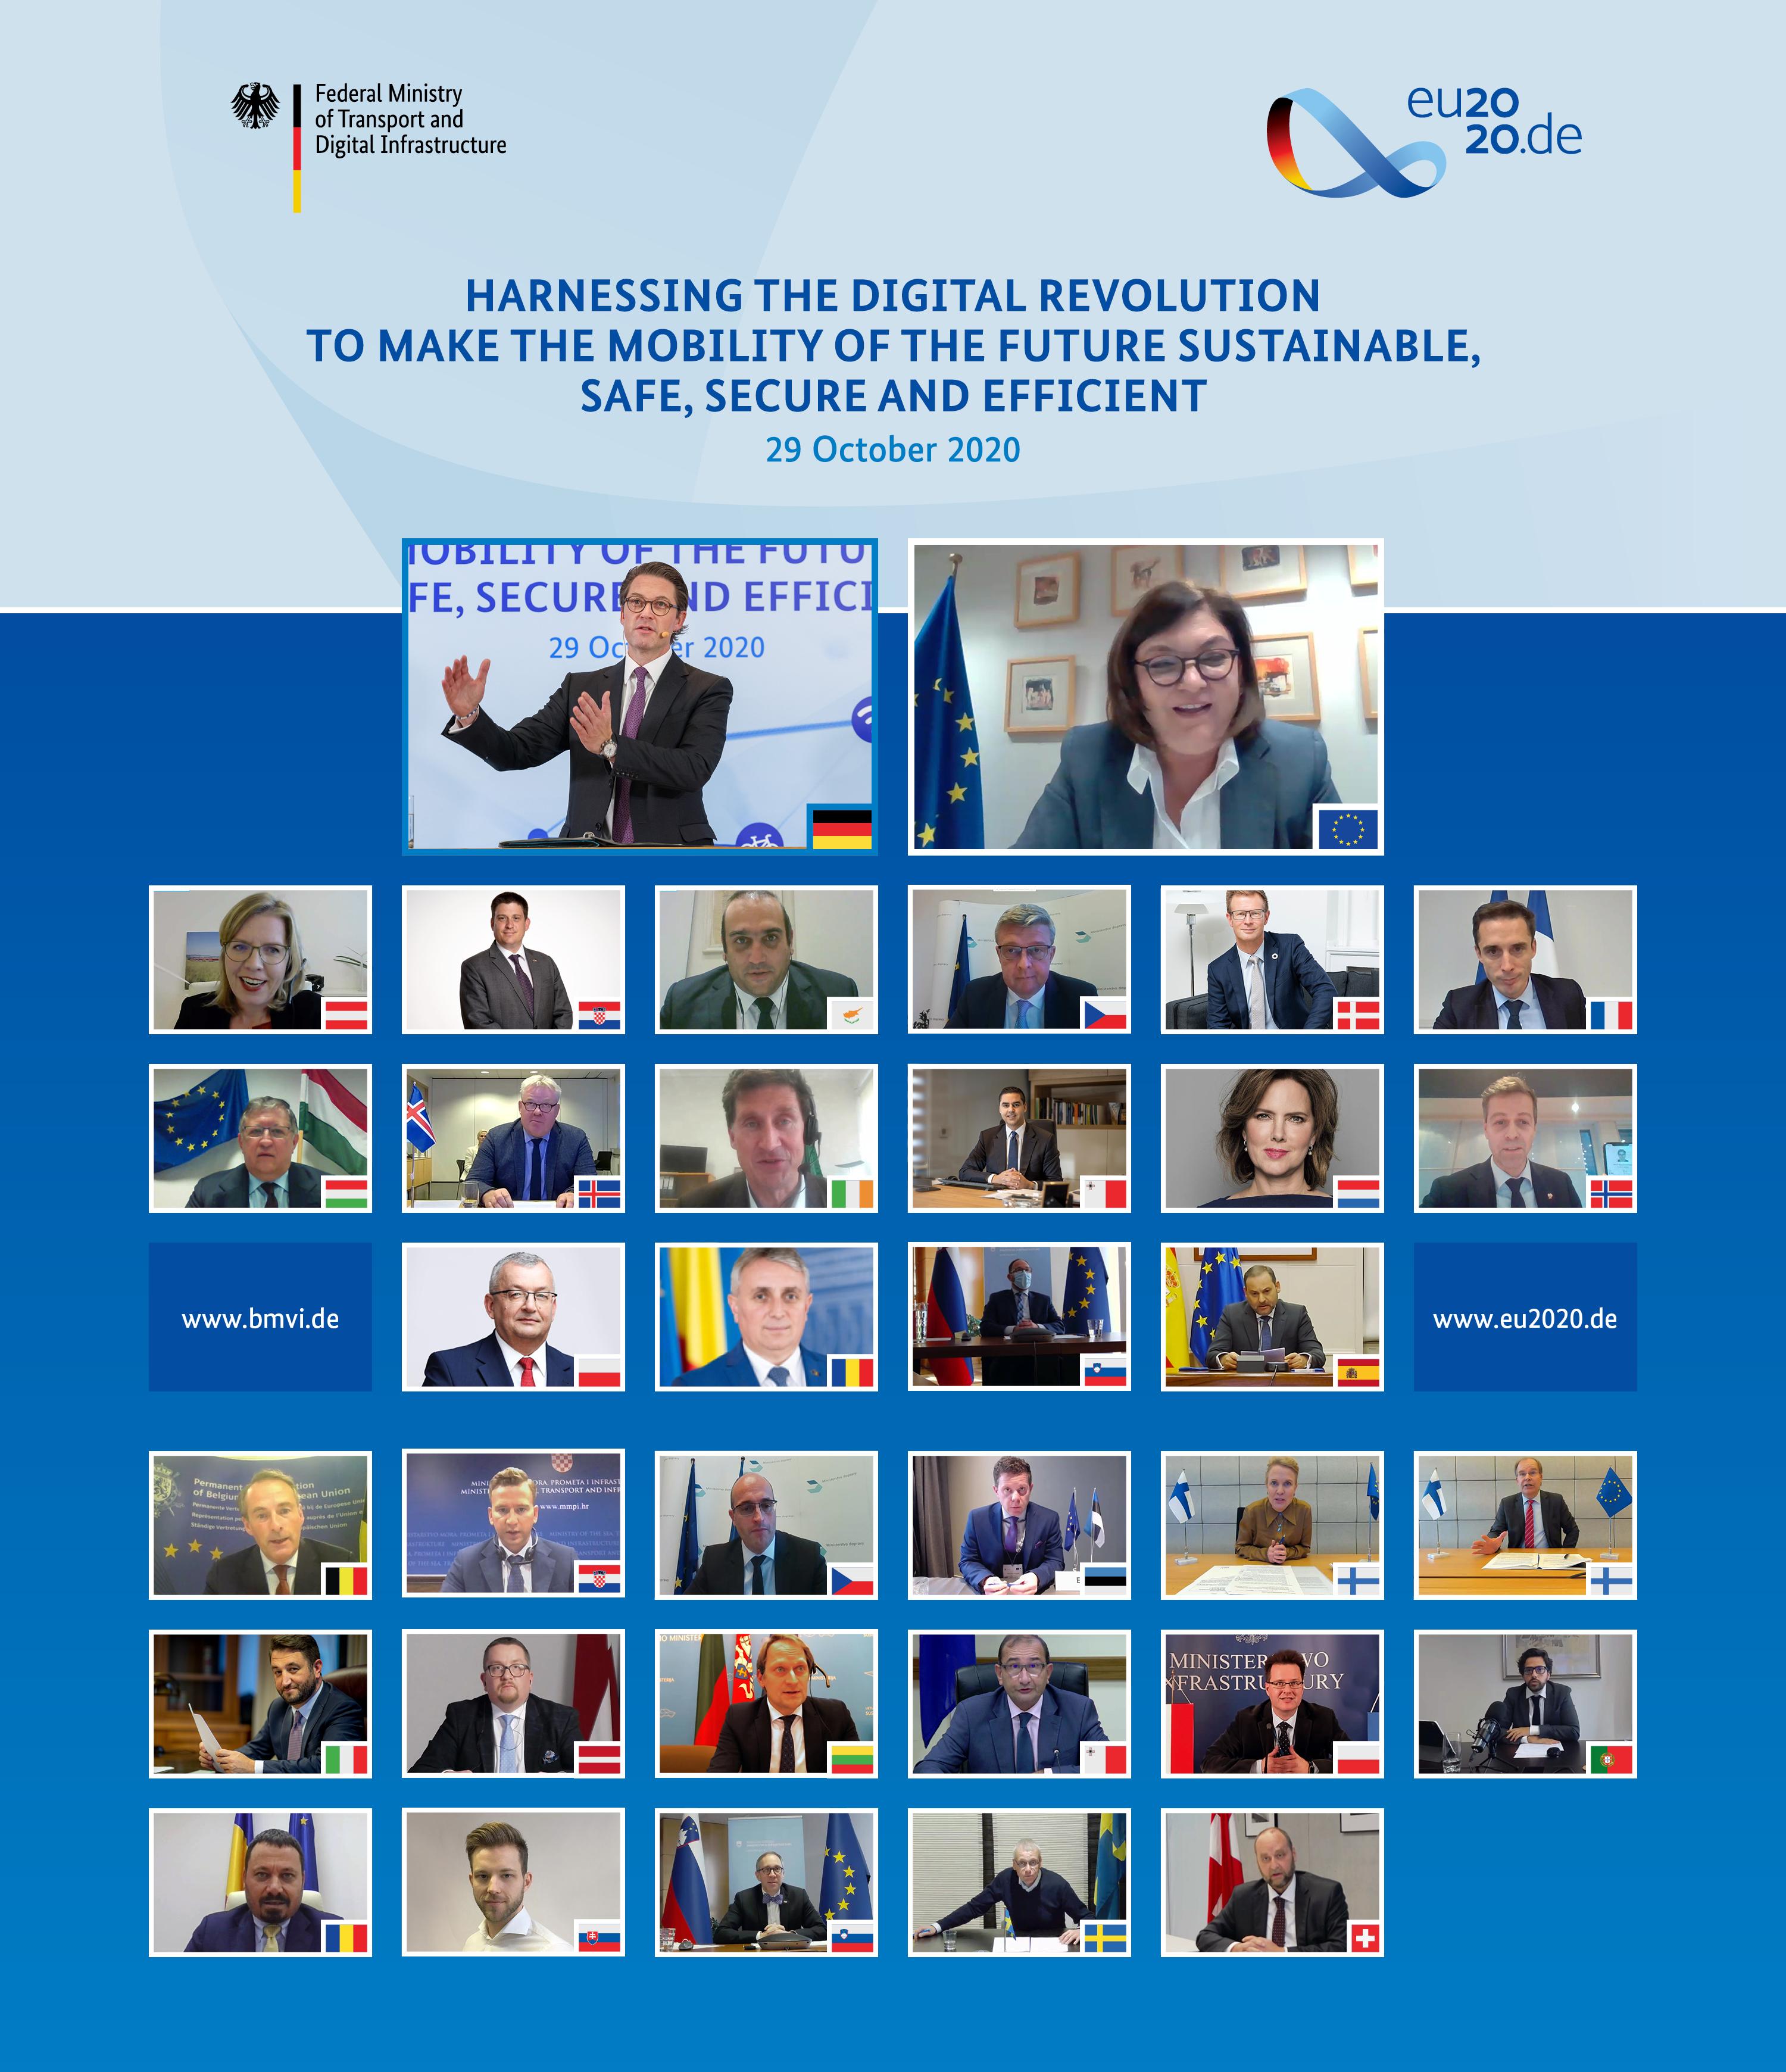 verkehrsministertreffen-digitalisierung-der-mobilitaet-1.jpg